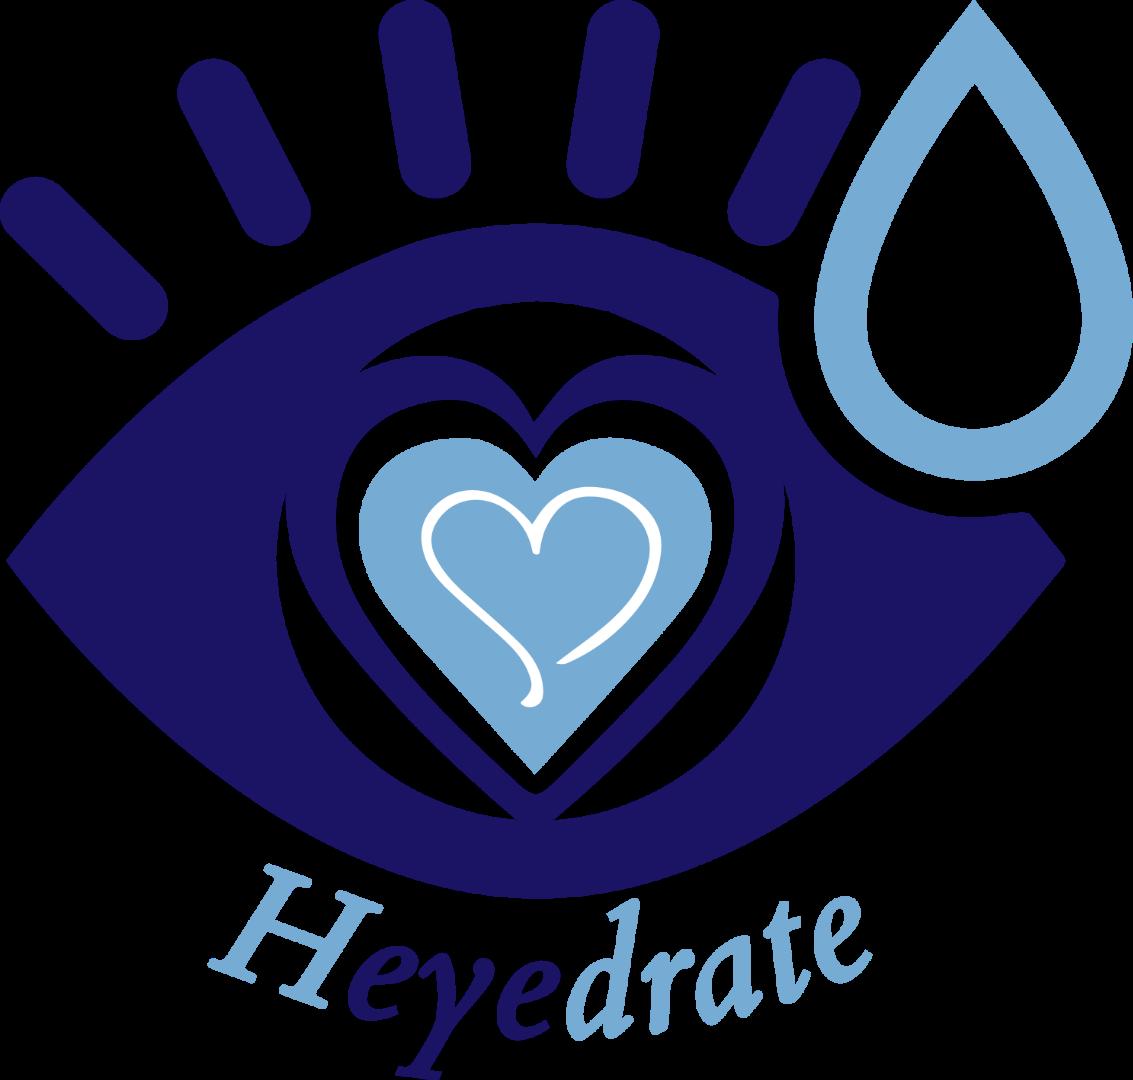 Heyedrate Logo